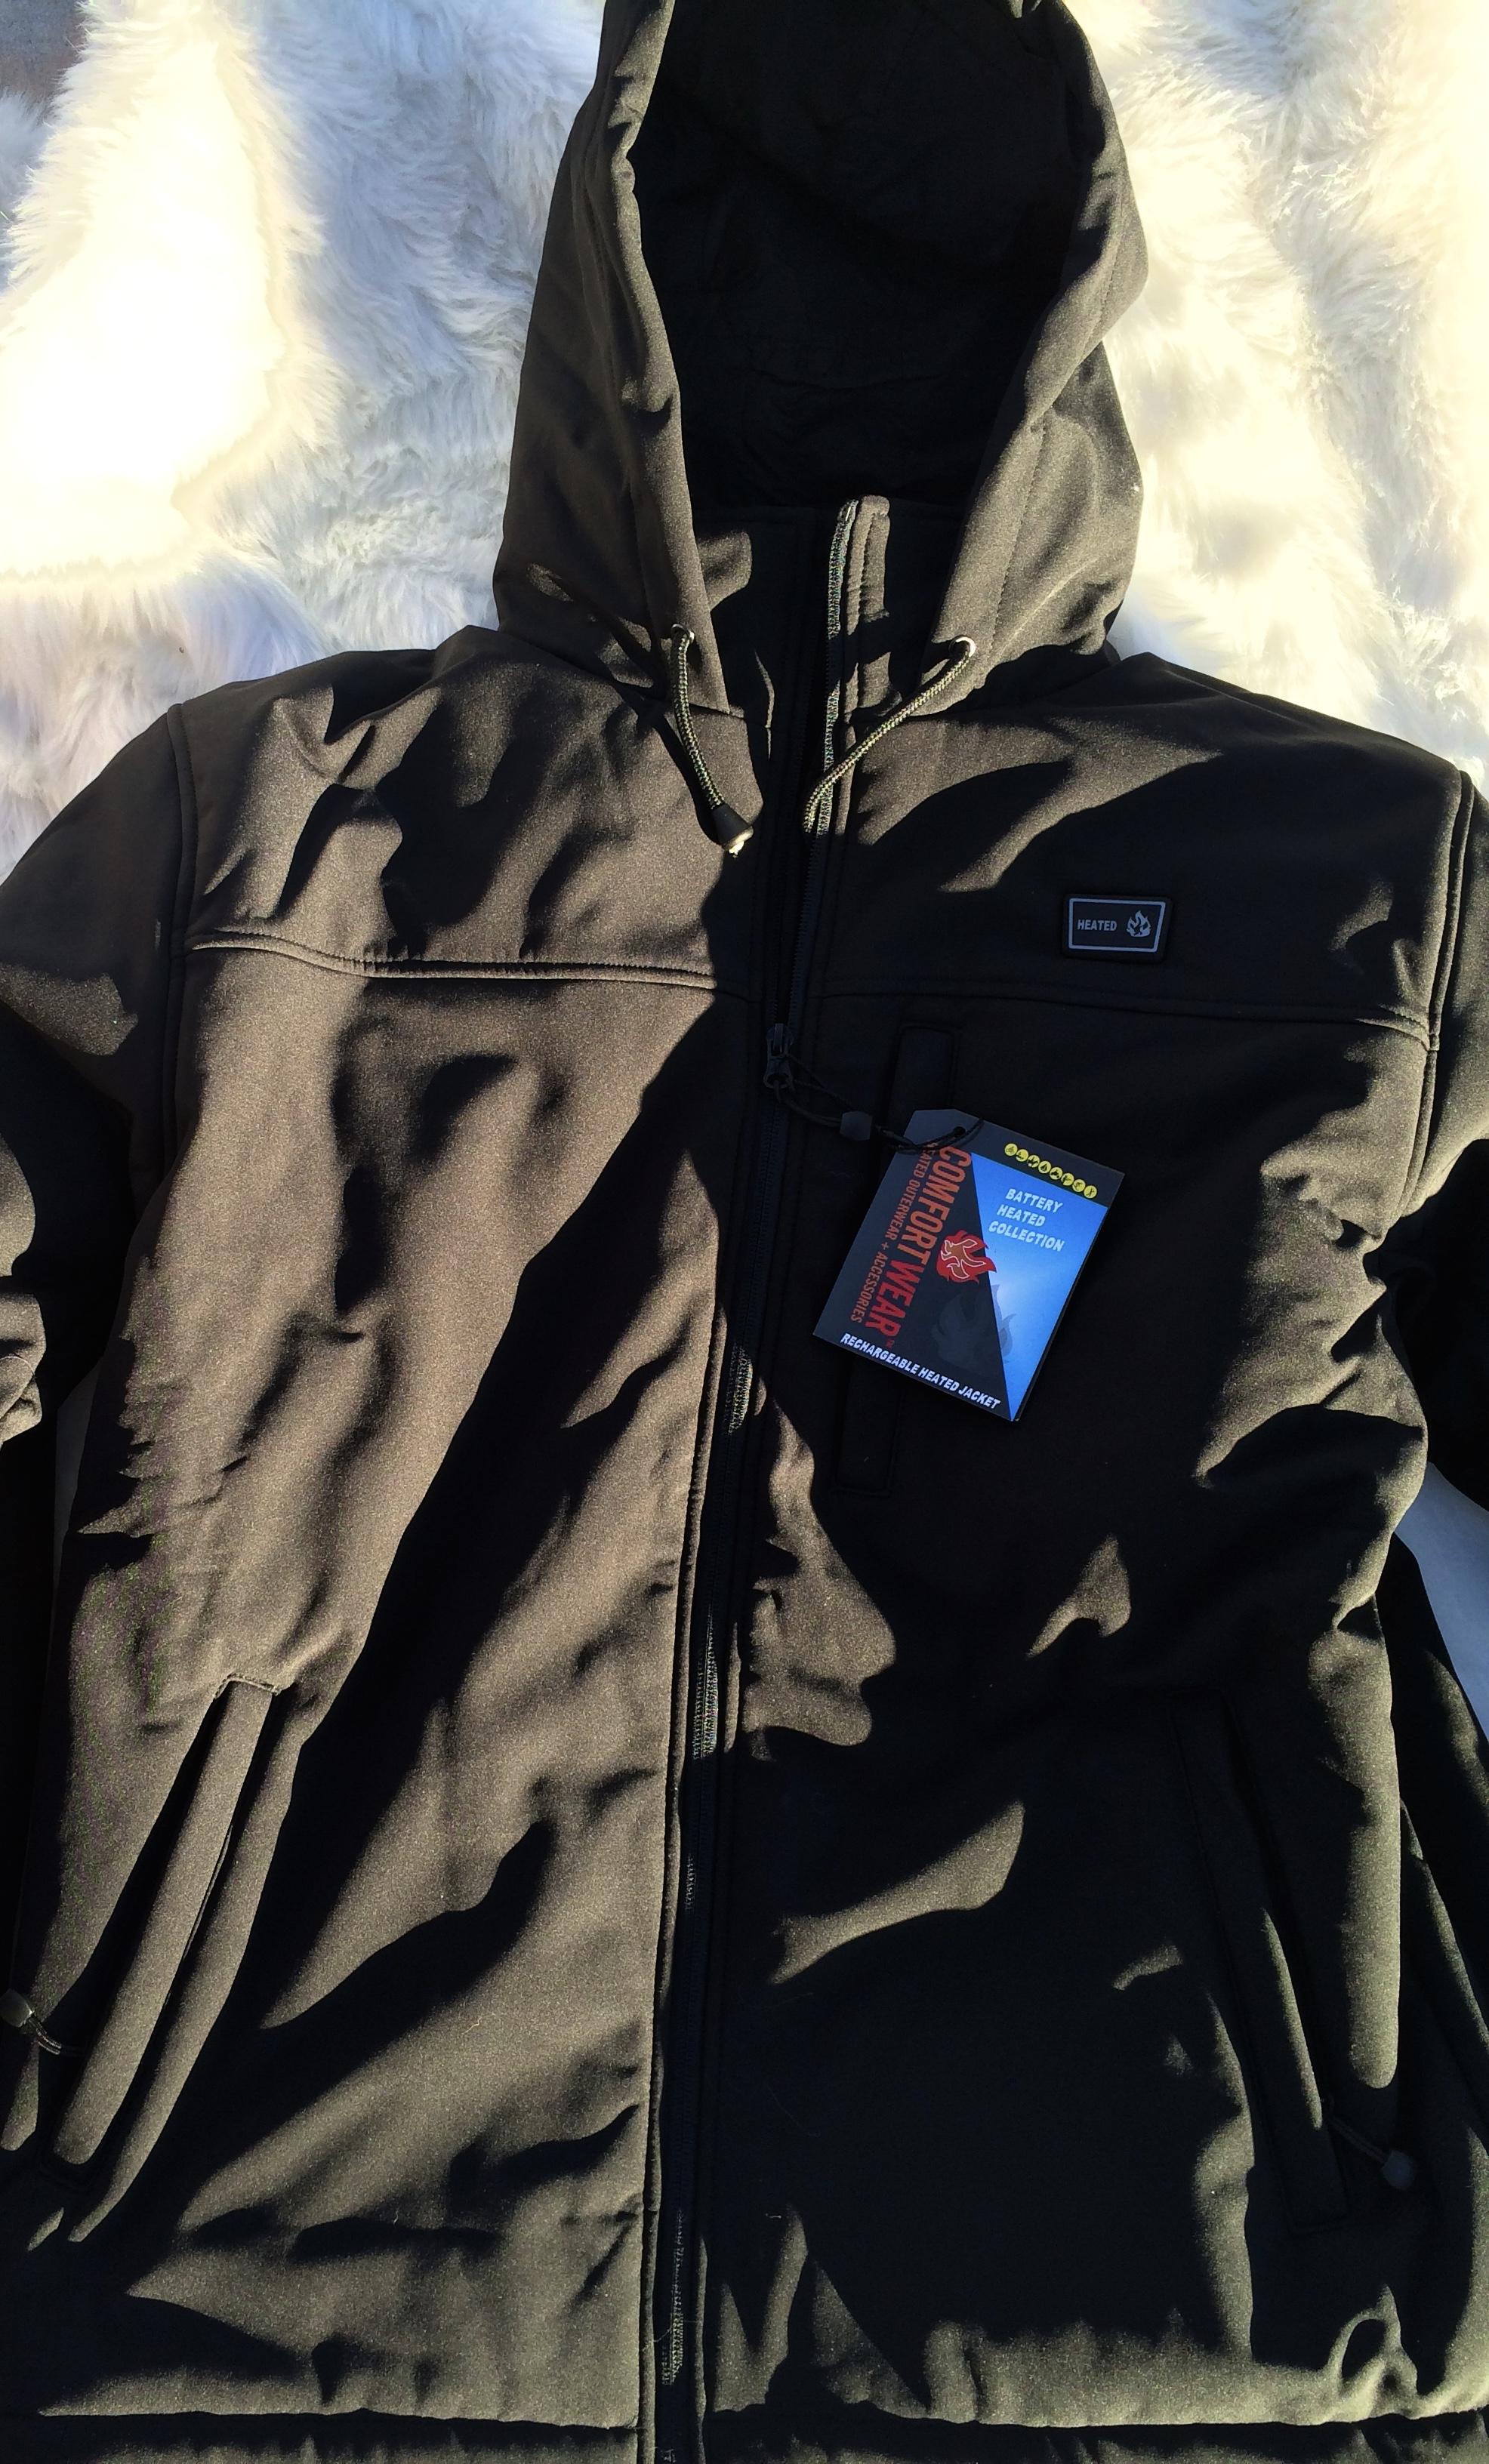 My ComfortWear Heated Jacket Review - whatthegirlssay.com